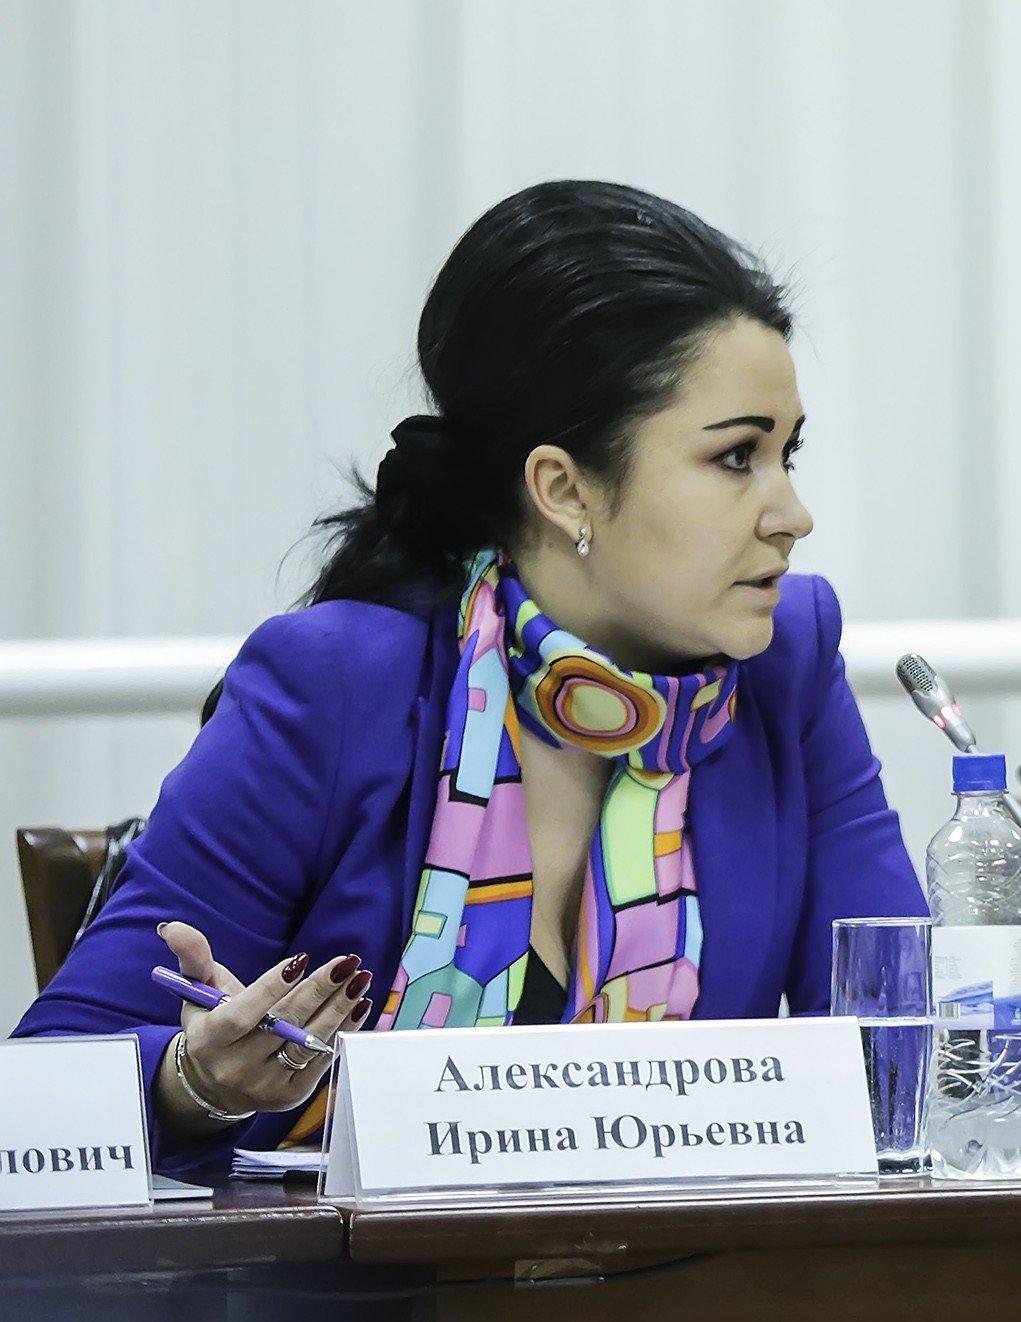 Заместитель начальника налоговой инспекции Ростовской области останется в СИЗО до 23 июля, фото-1